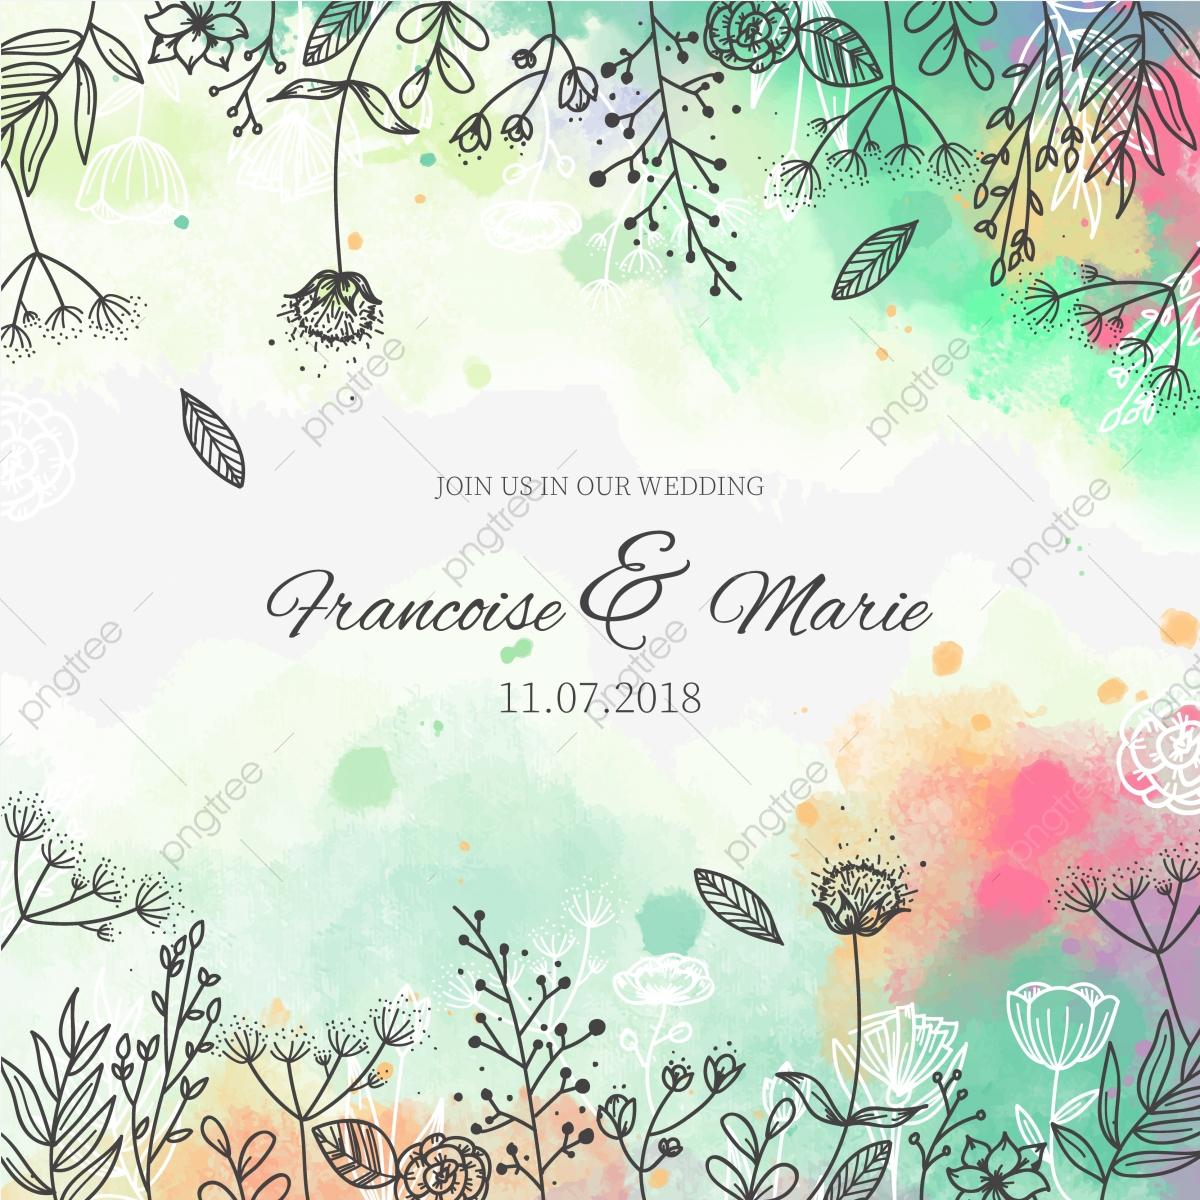 convite de casamento com fundo floral em estilo aquarela